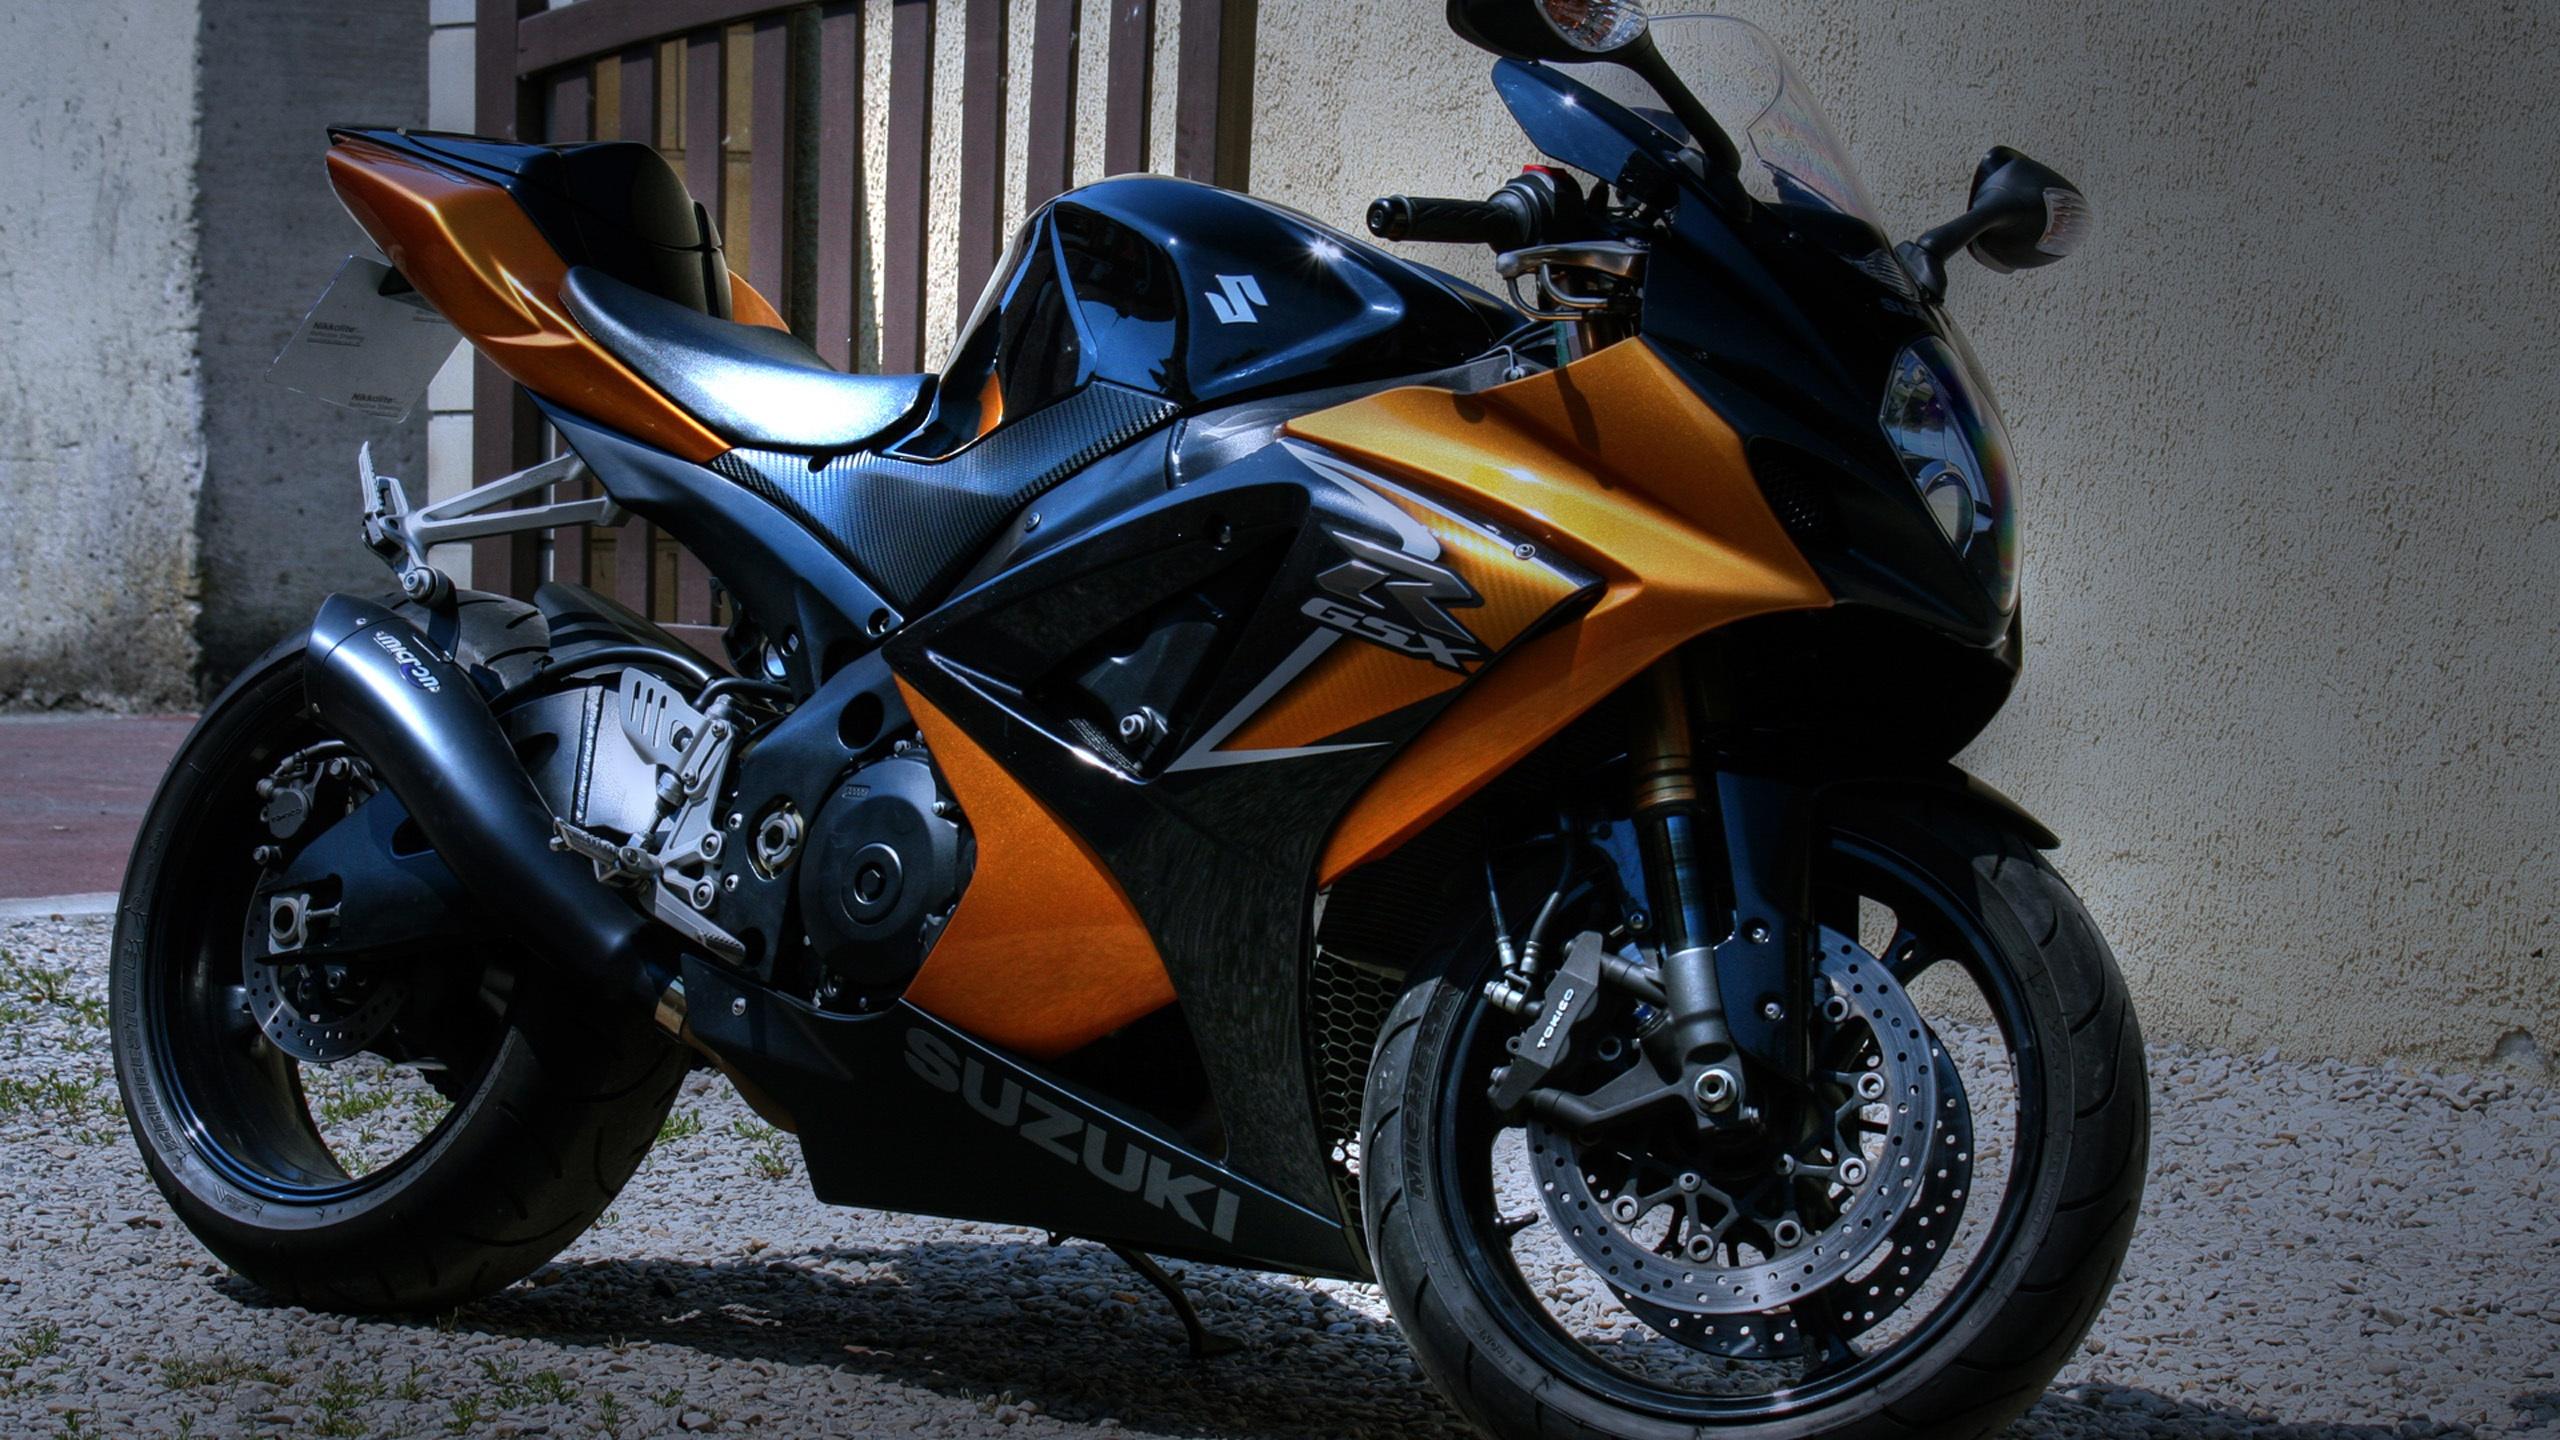 壁紙 スズキのバイクは家の外に駐車し 2560x1600 Hd 無料のデスクトップの背景 画像